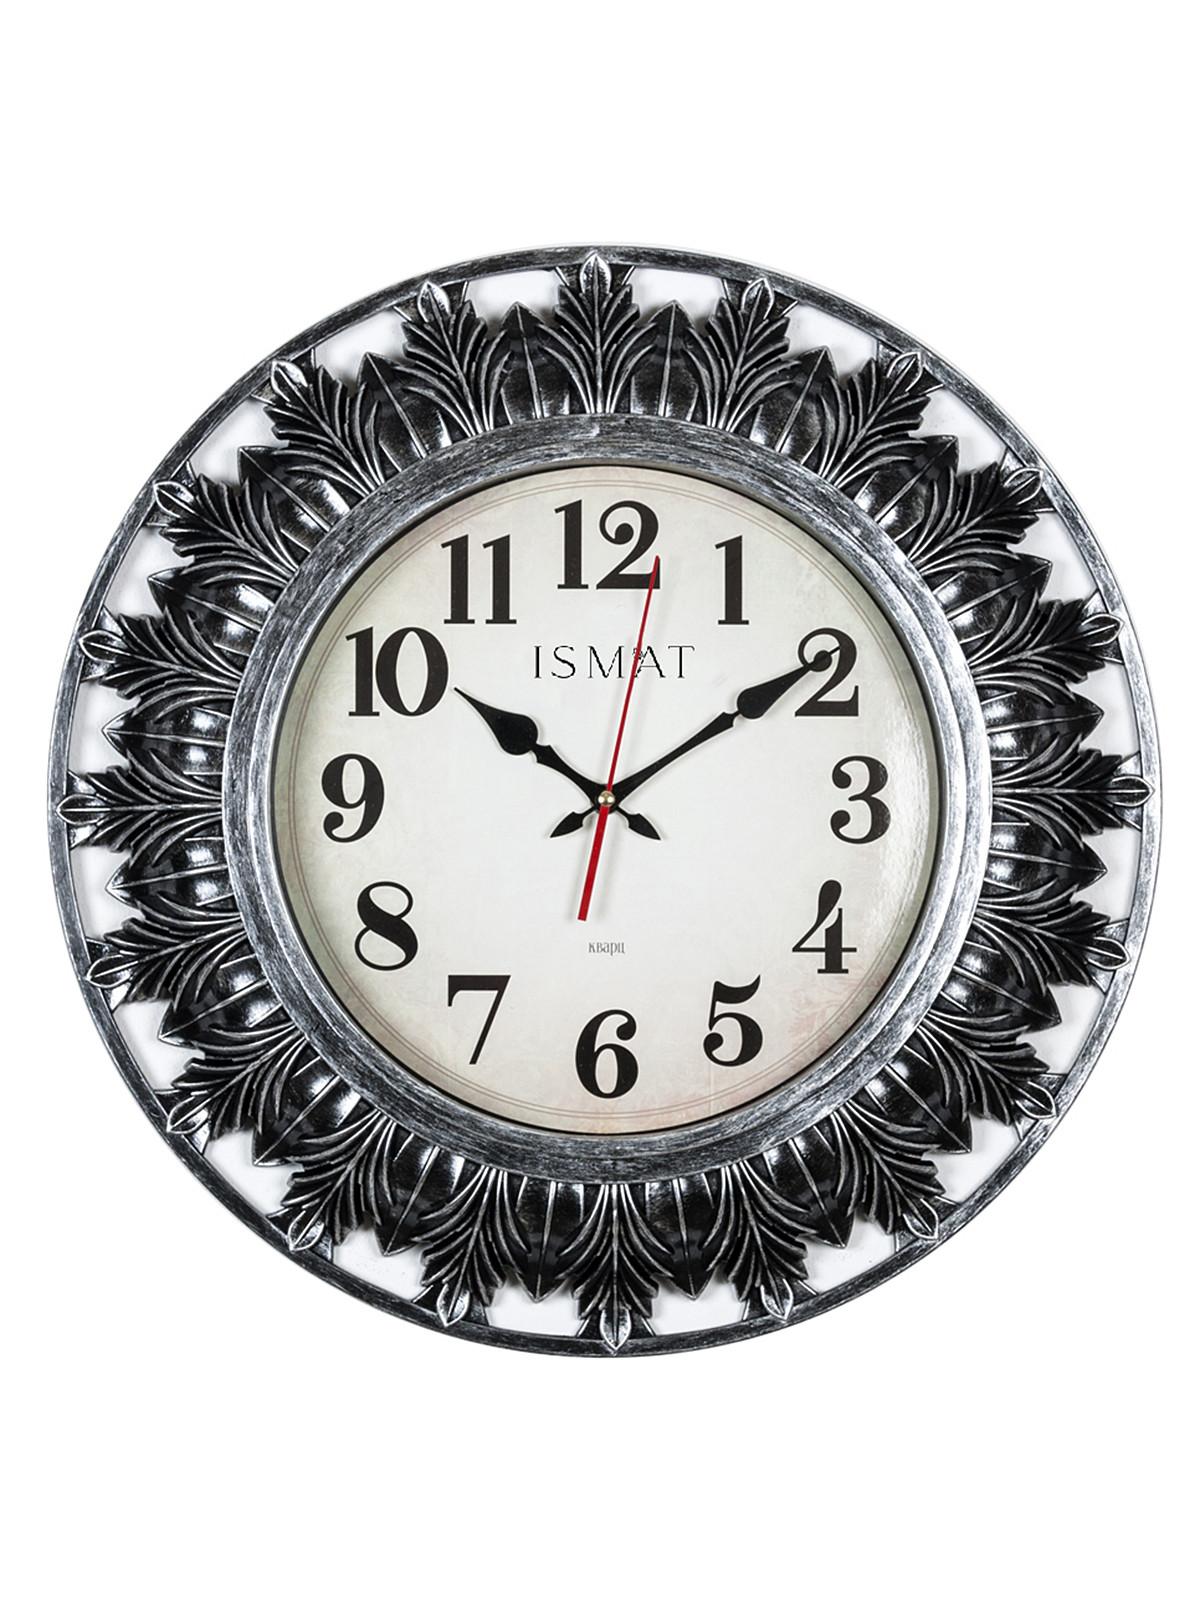 Часы настенные круг d=51 см, корпус черный с серебром